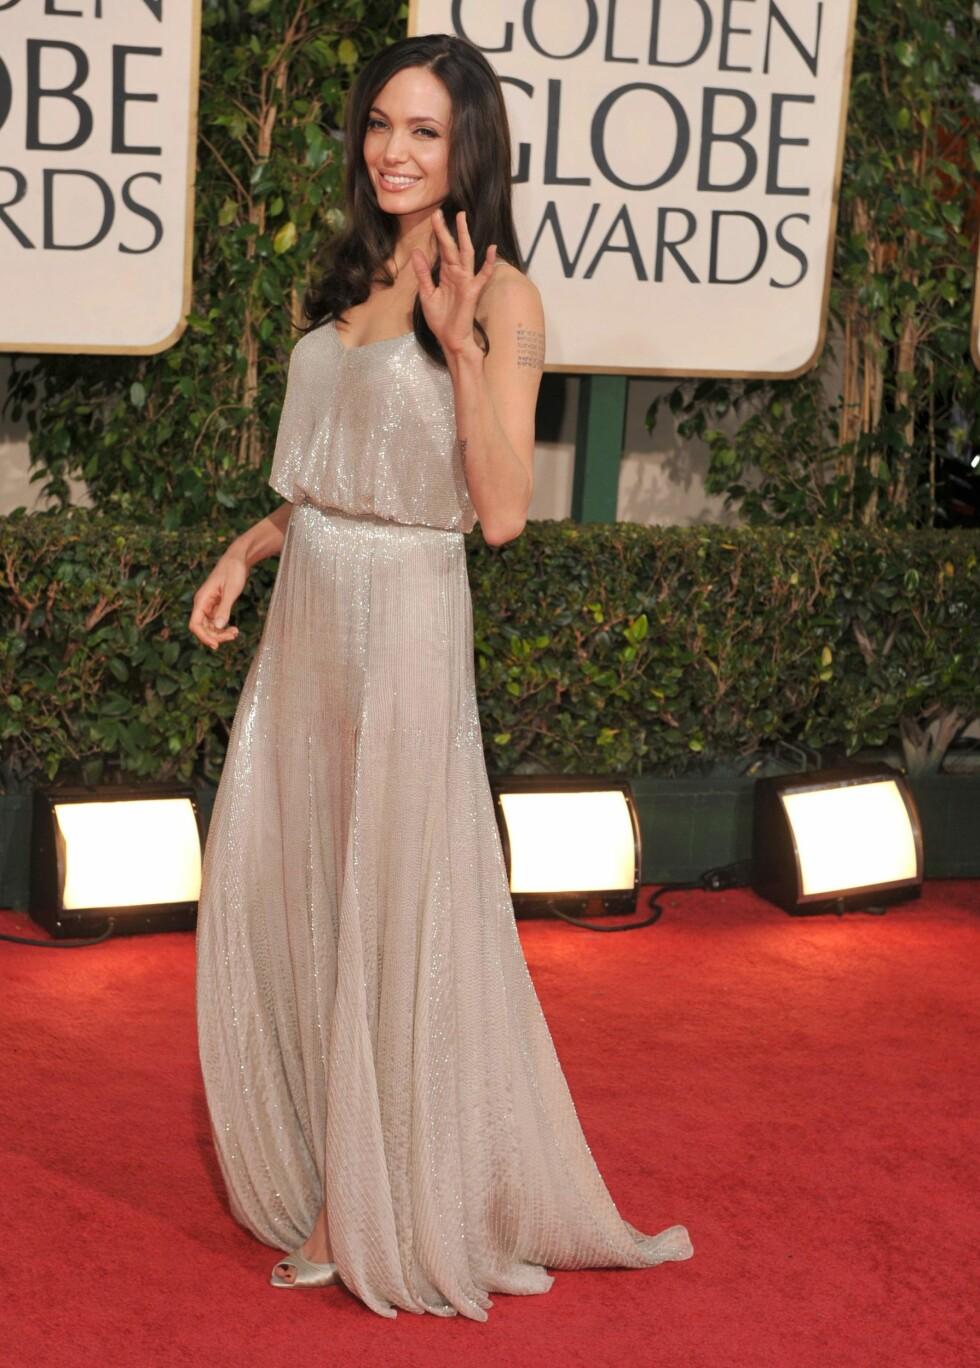 VAKKER I SØLV: Kjolen til Angelina Jolie var såpass glitrende at det gikk helt fint uten et smykke i halsen.  Foto: All Over Press